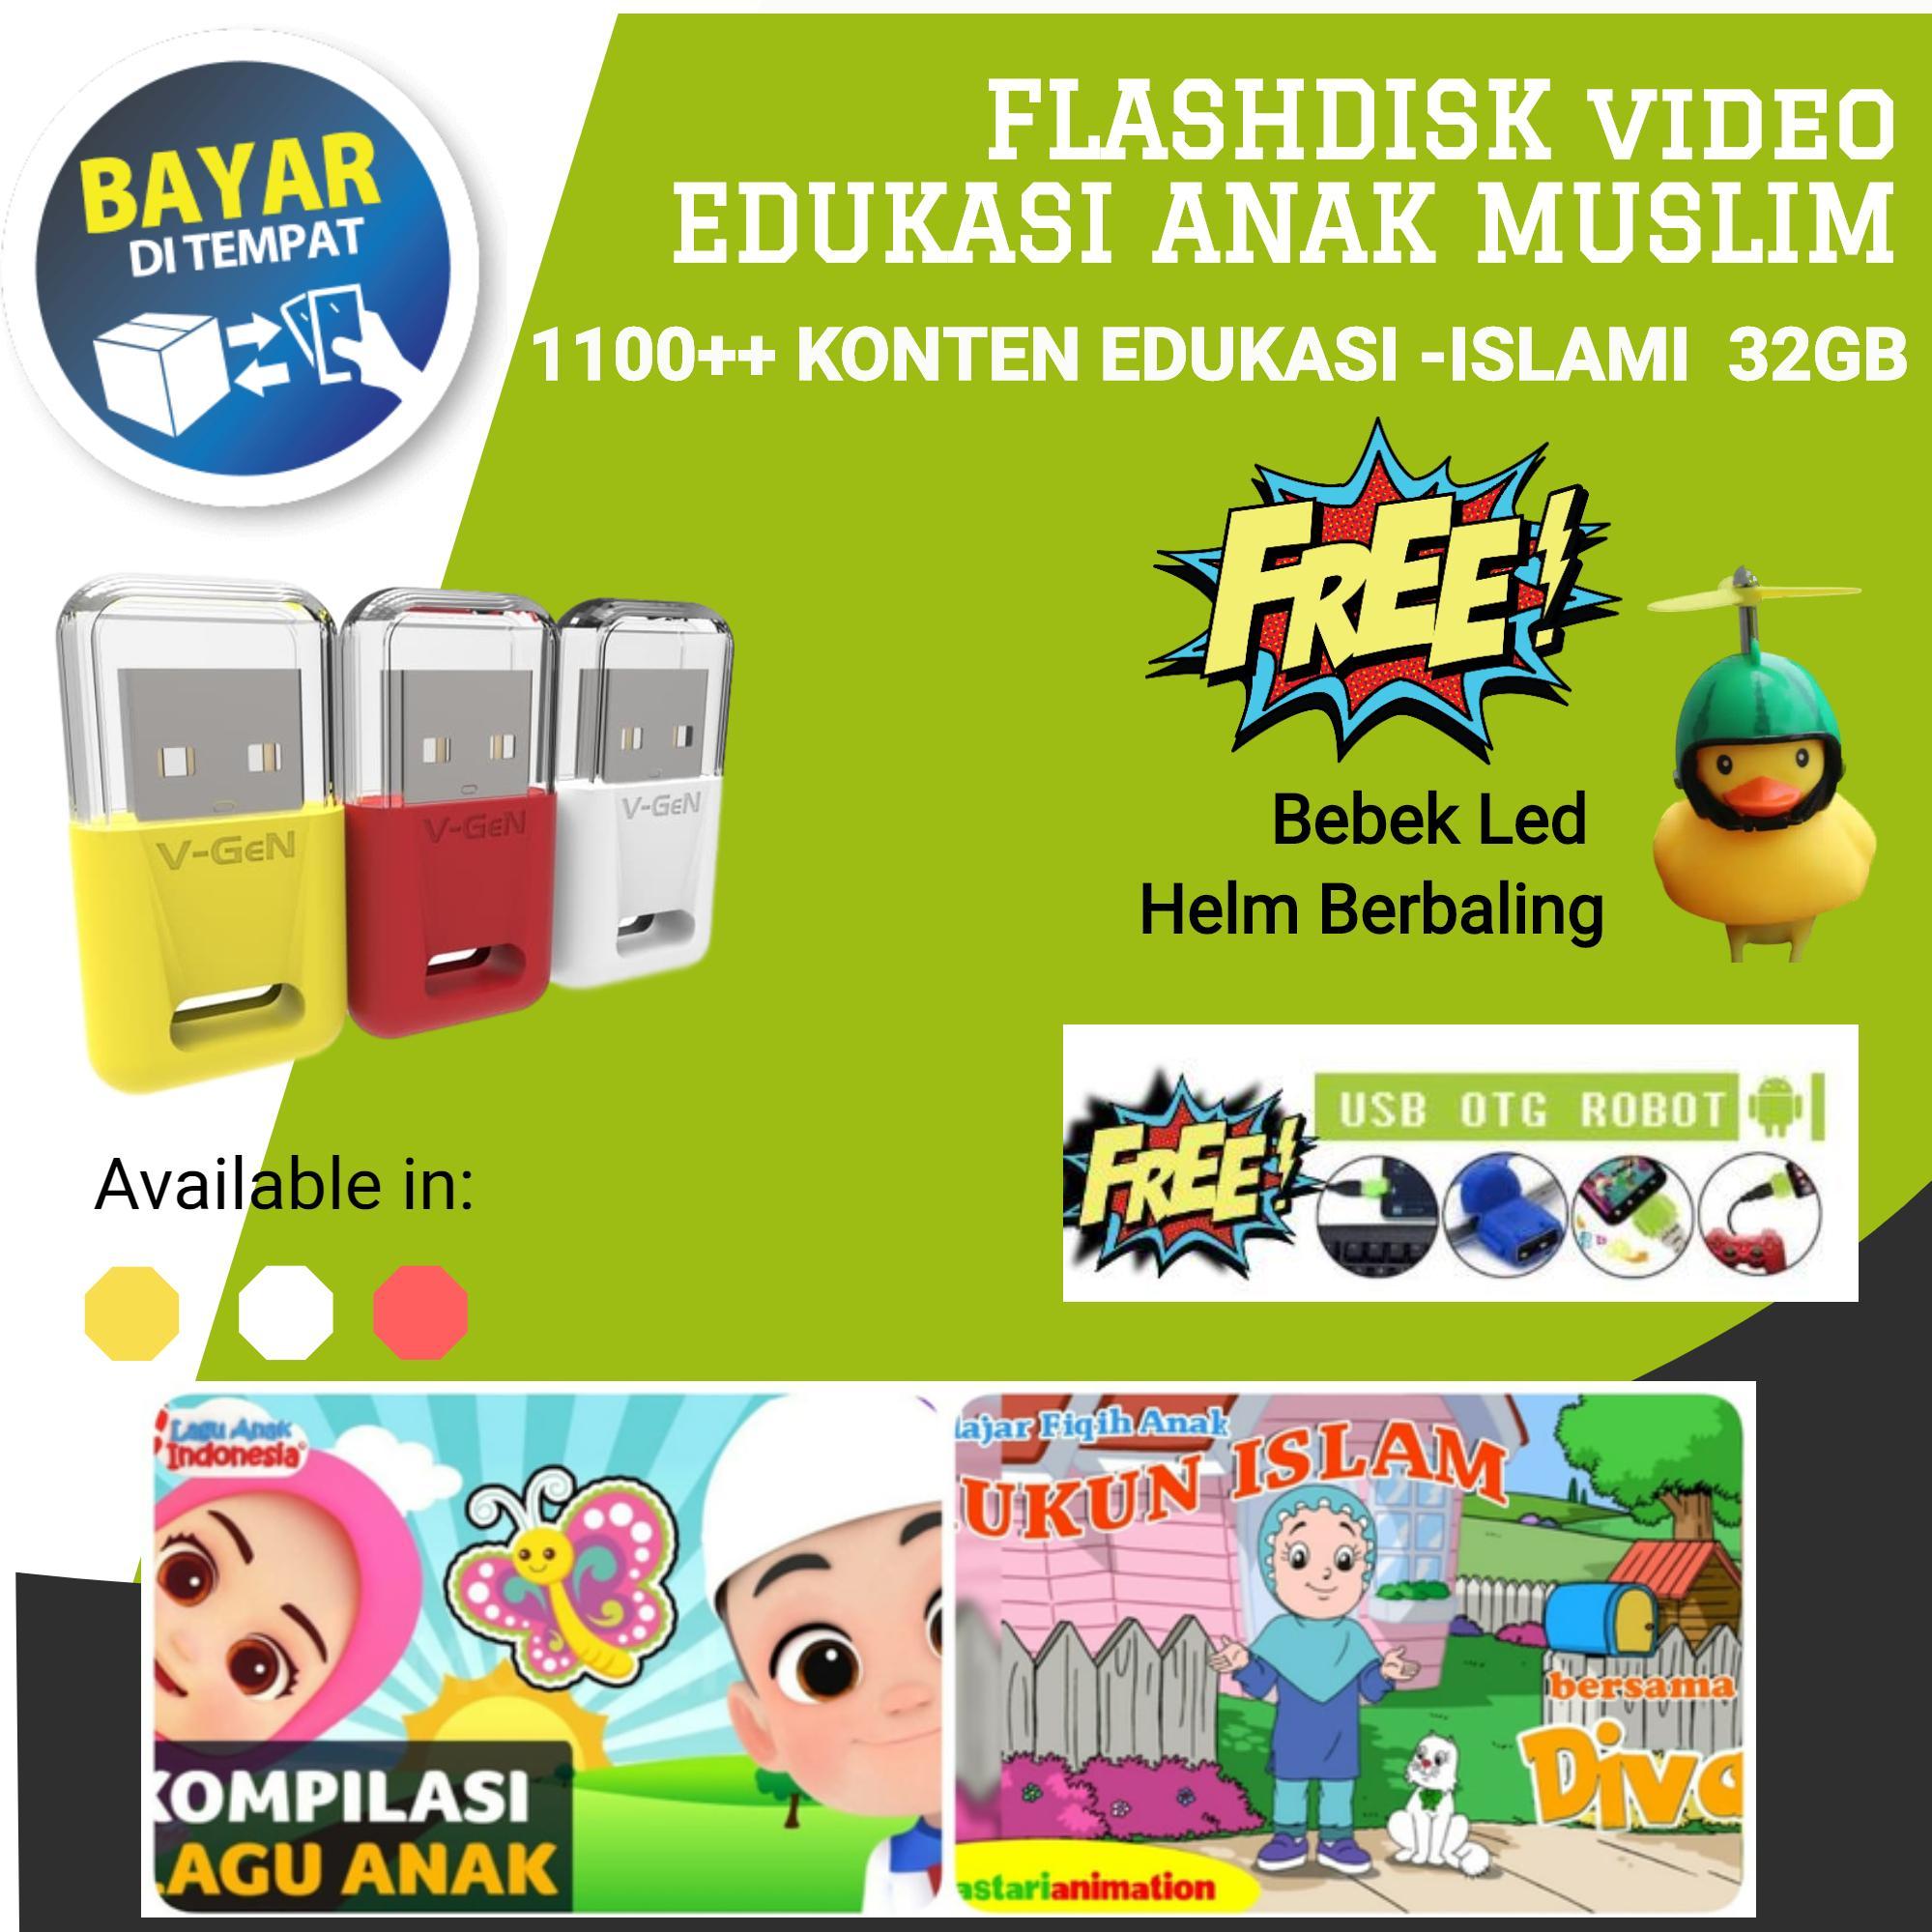 flashdisk edukasi anak muslim 32 gb gratis otg – gratis bebek helm baling bisa cod